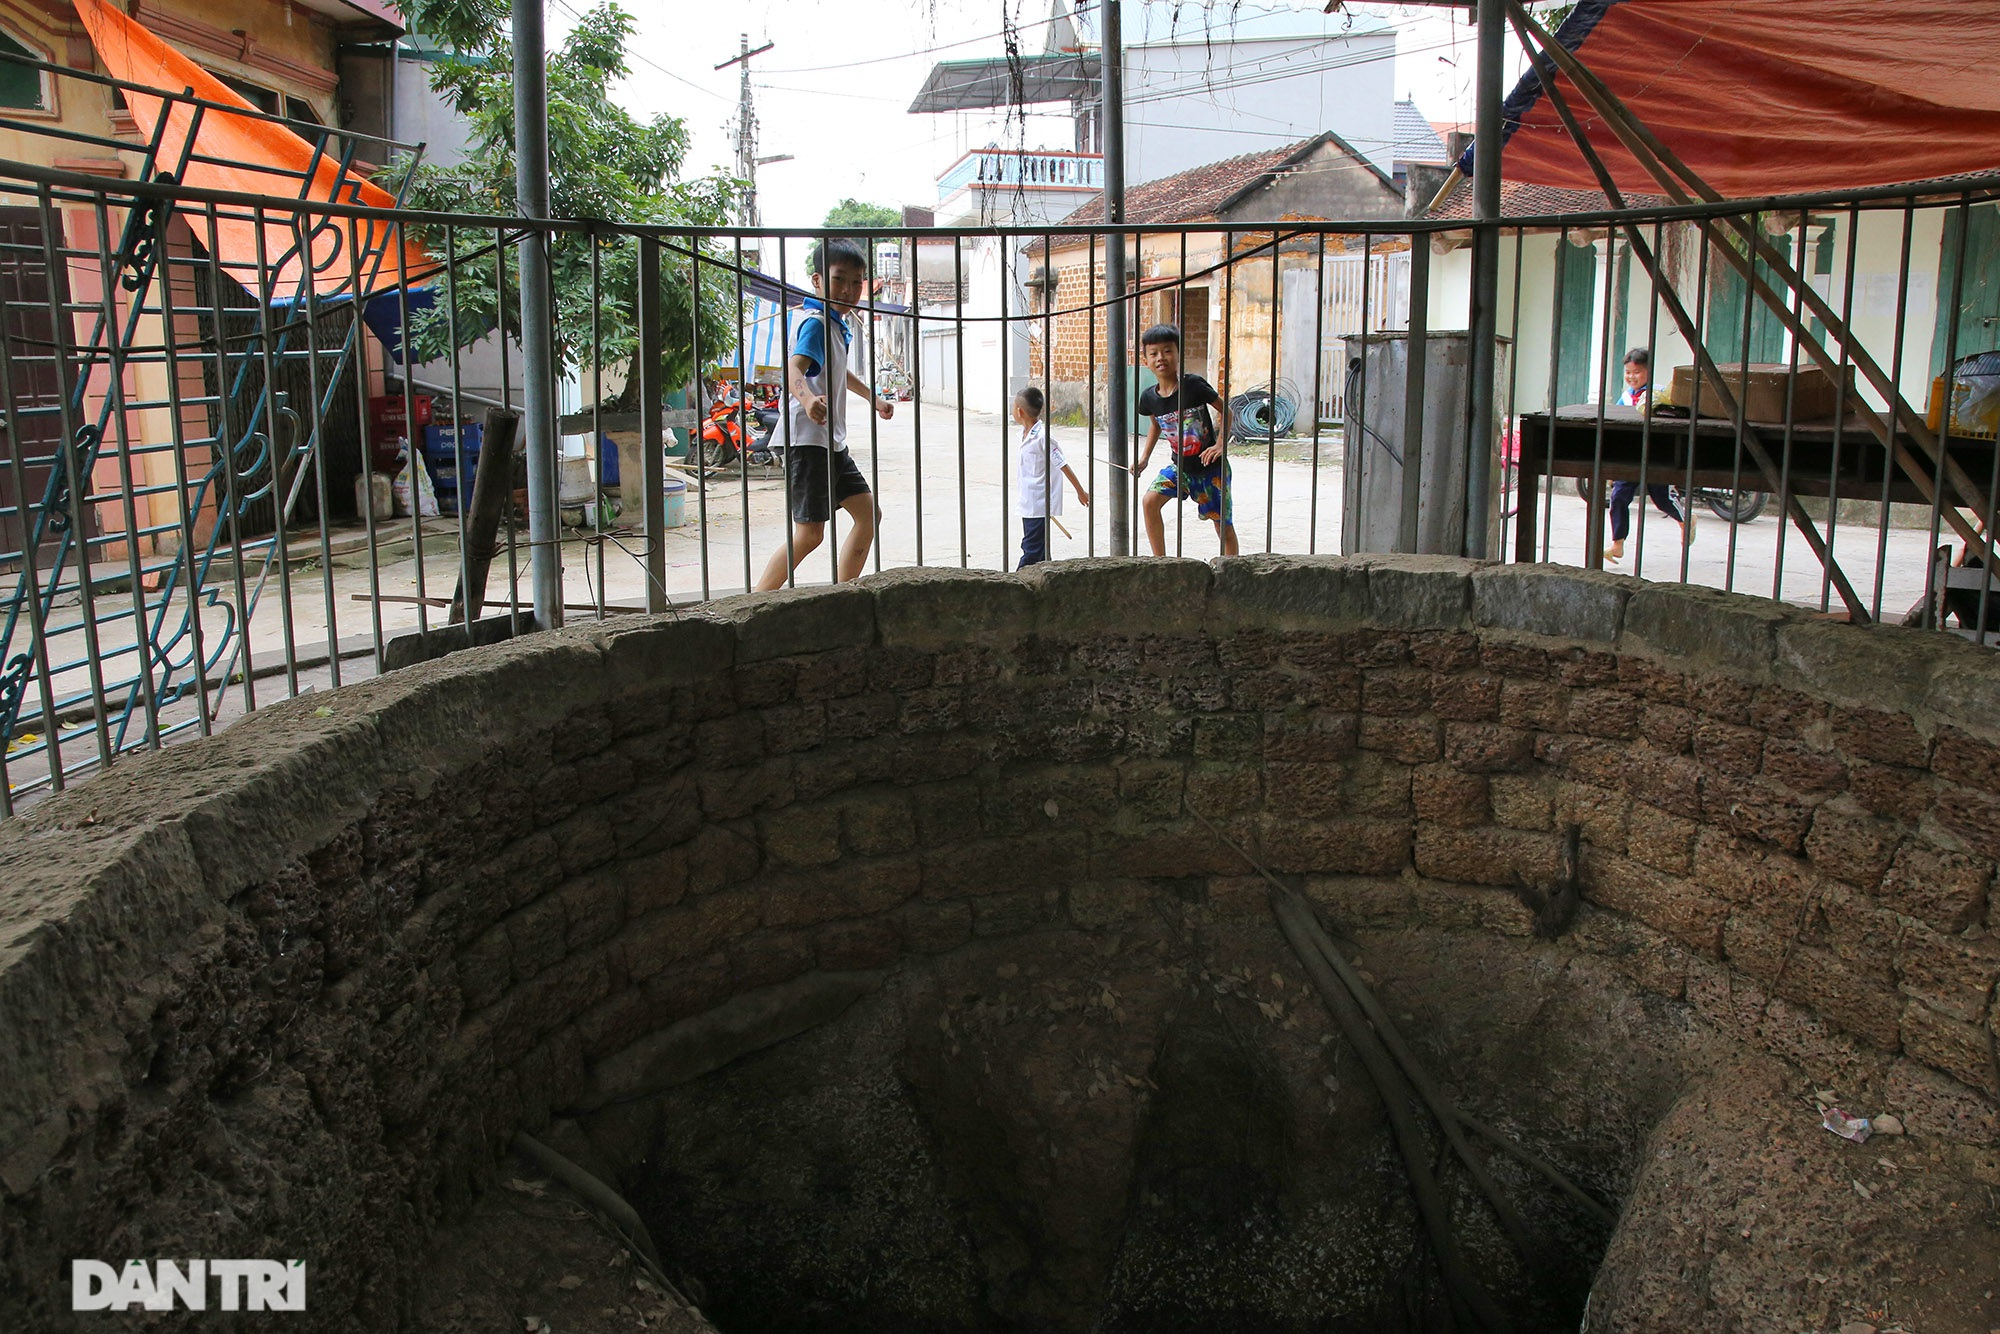 Bí ẩn 99 giếng cổ thiên tạo trong một làng ở Hà Nội - 9